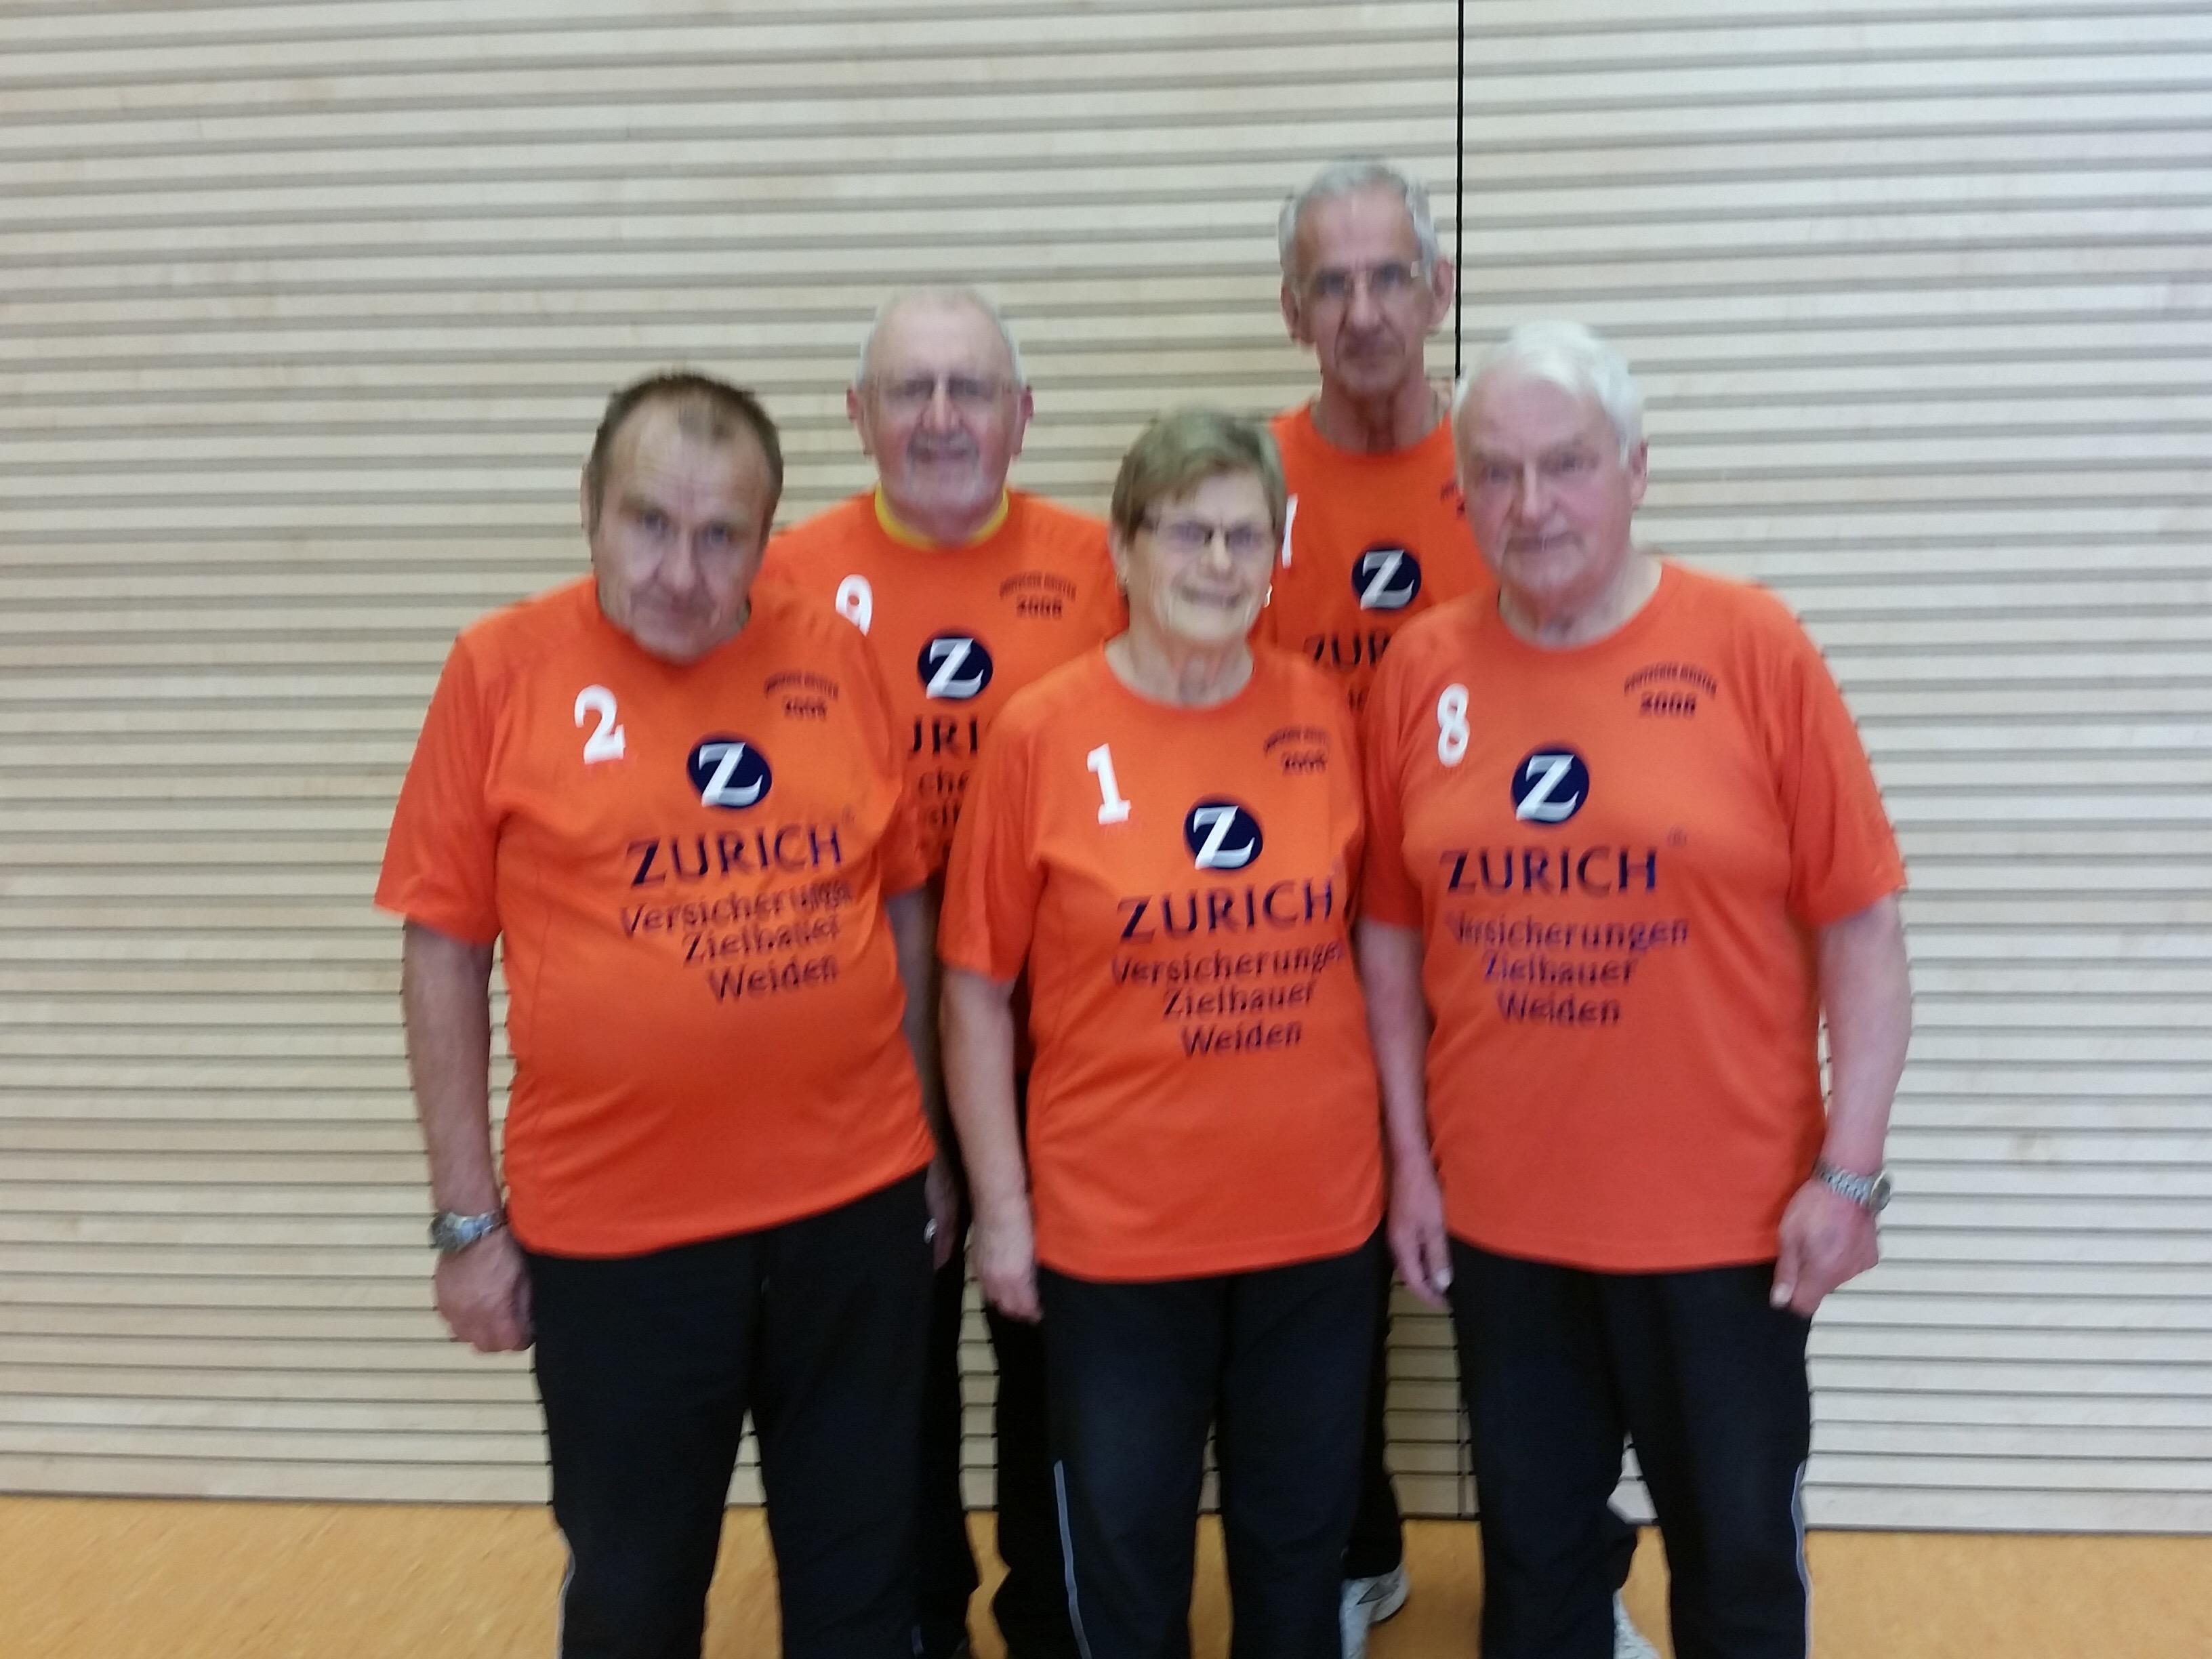 Die Weidener holten sich bei den Bayer. Meisterschaften Hallen-Boccia den 2. Platz